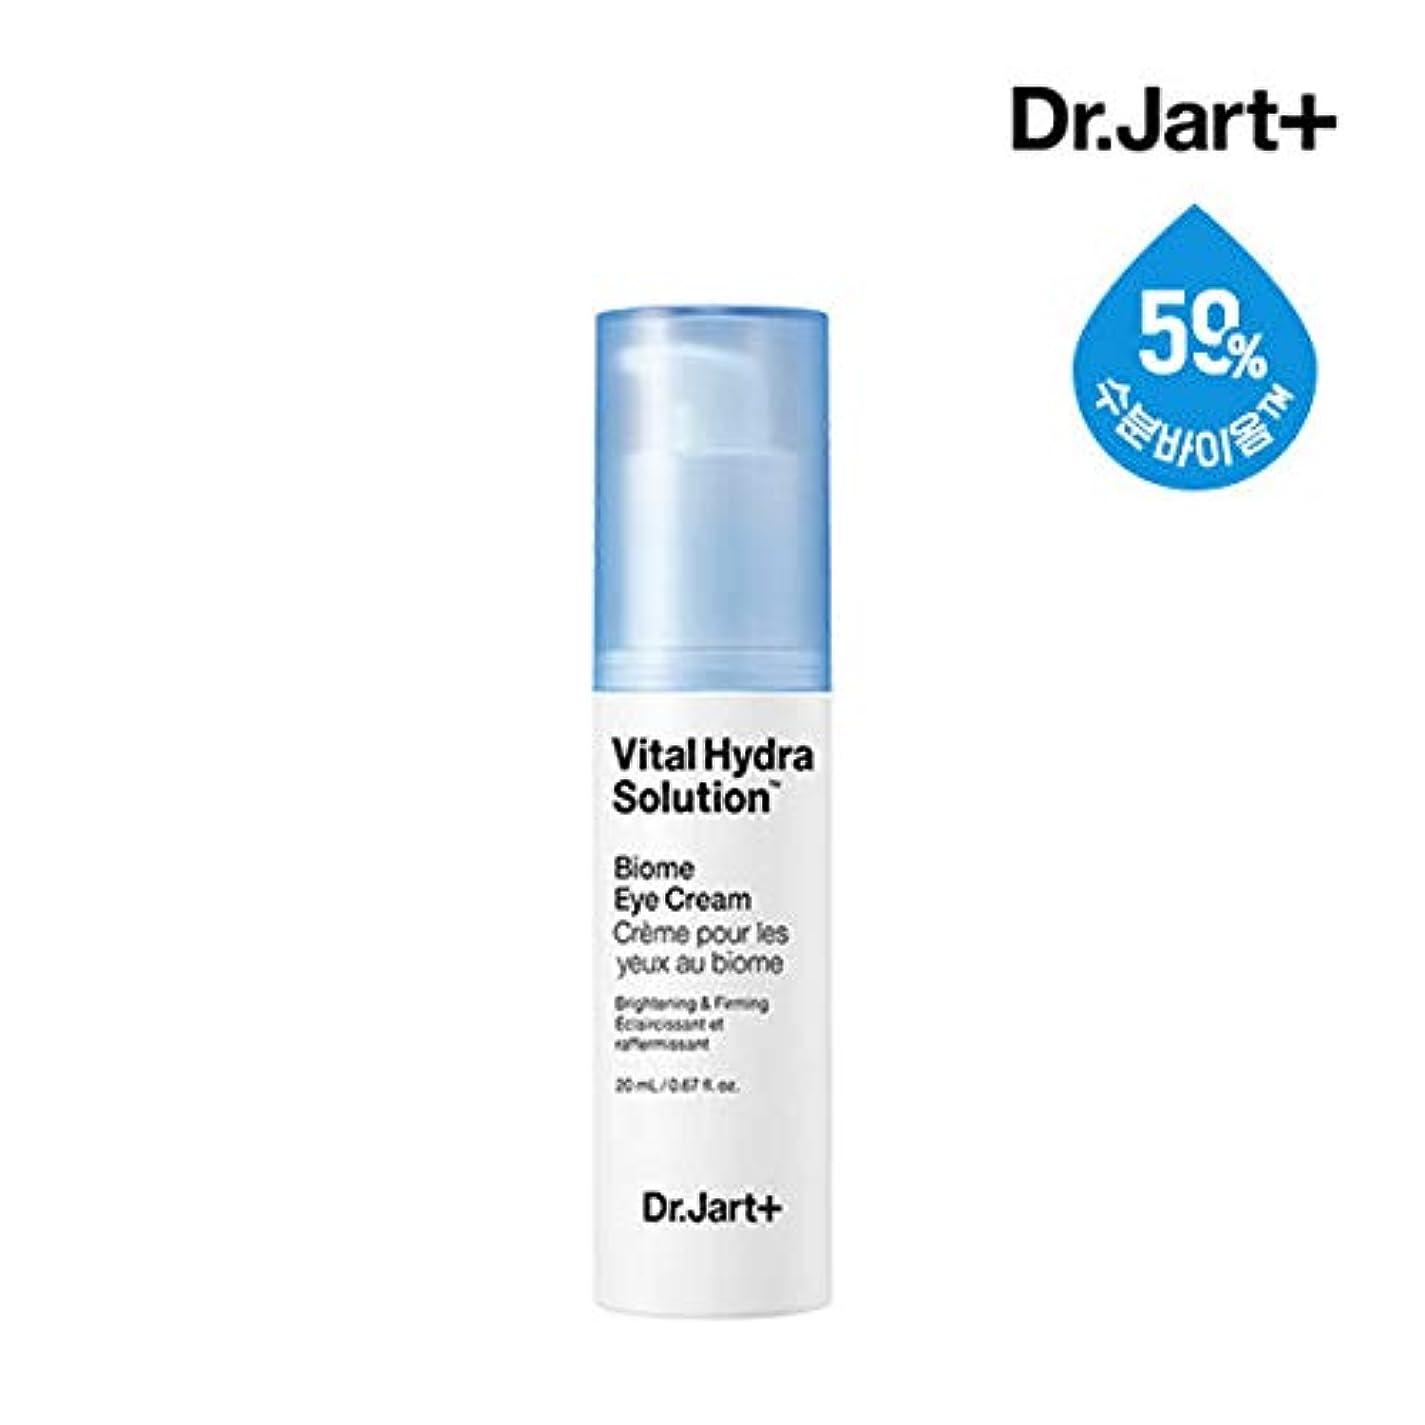 なる過敏な兄ドクタージャルトゥ[Dr.Jart+] バイタルハイドラソリューションバイオームアイクリーム20ml (Vital Hydra Solution Biome Eye Cream) / ブライトニング&ファーミング